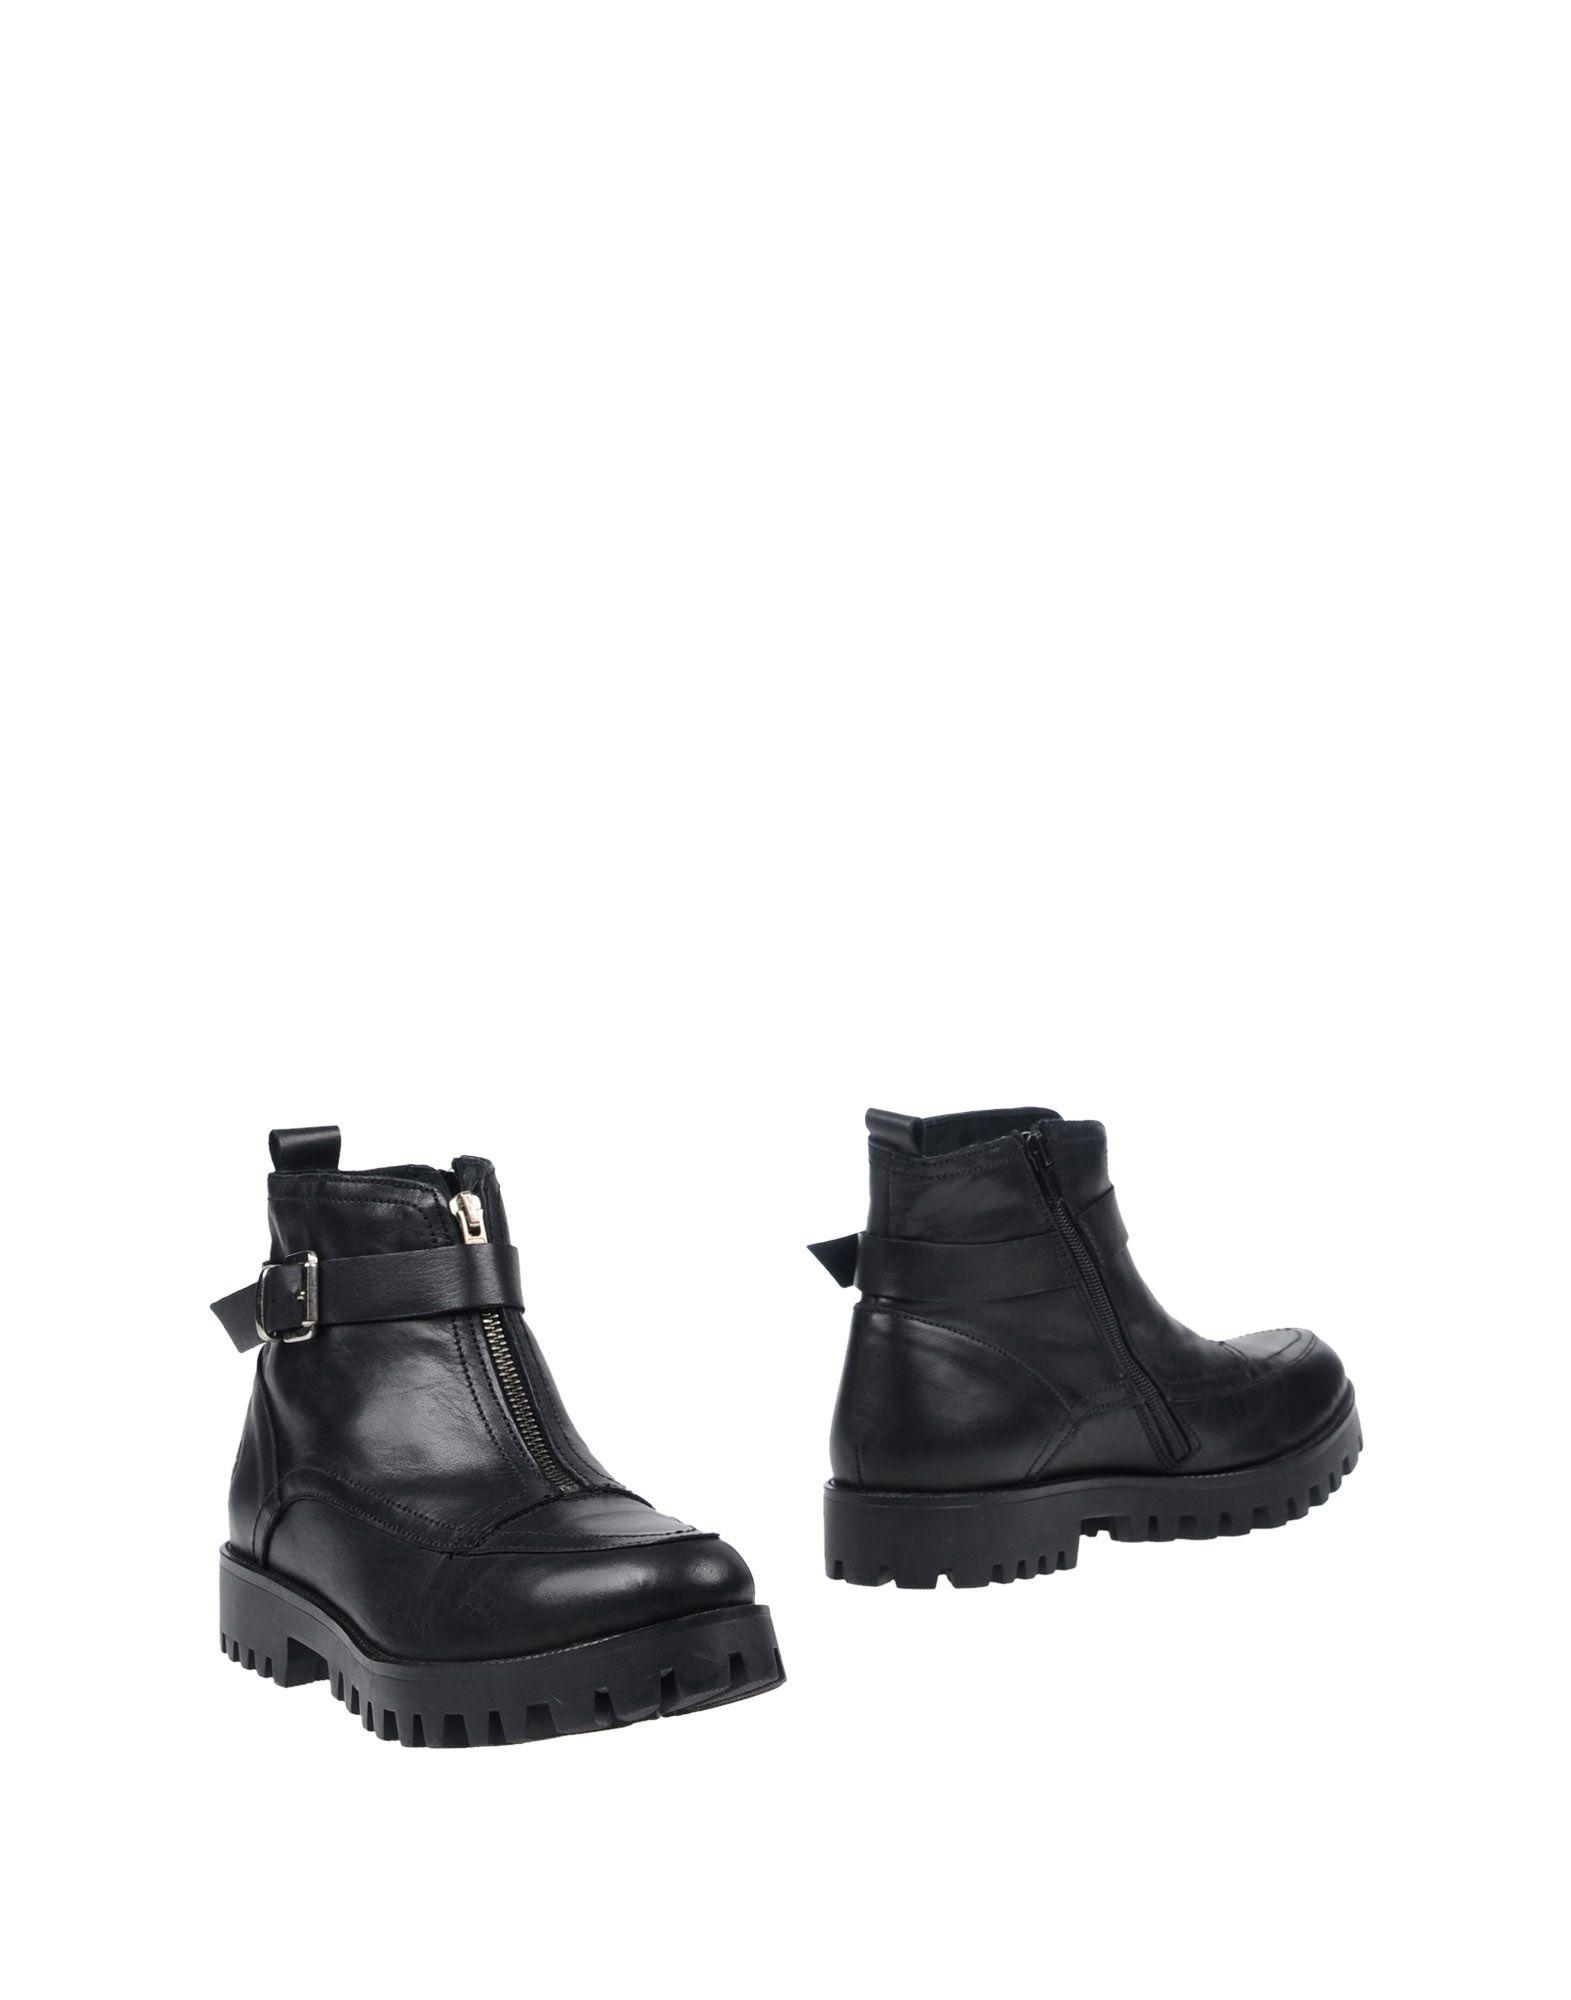 BRONX Полусапоги и высокие ботинки ботинки bronx bronx br336awuvd53